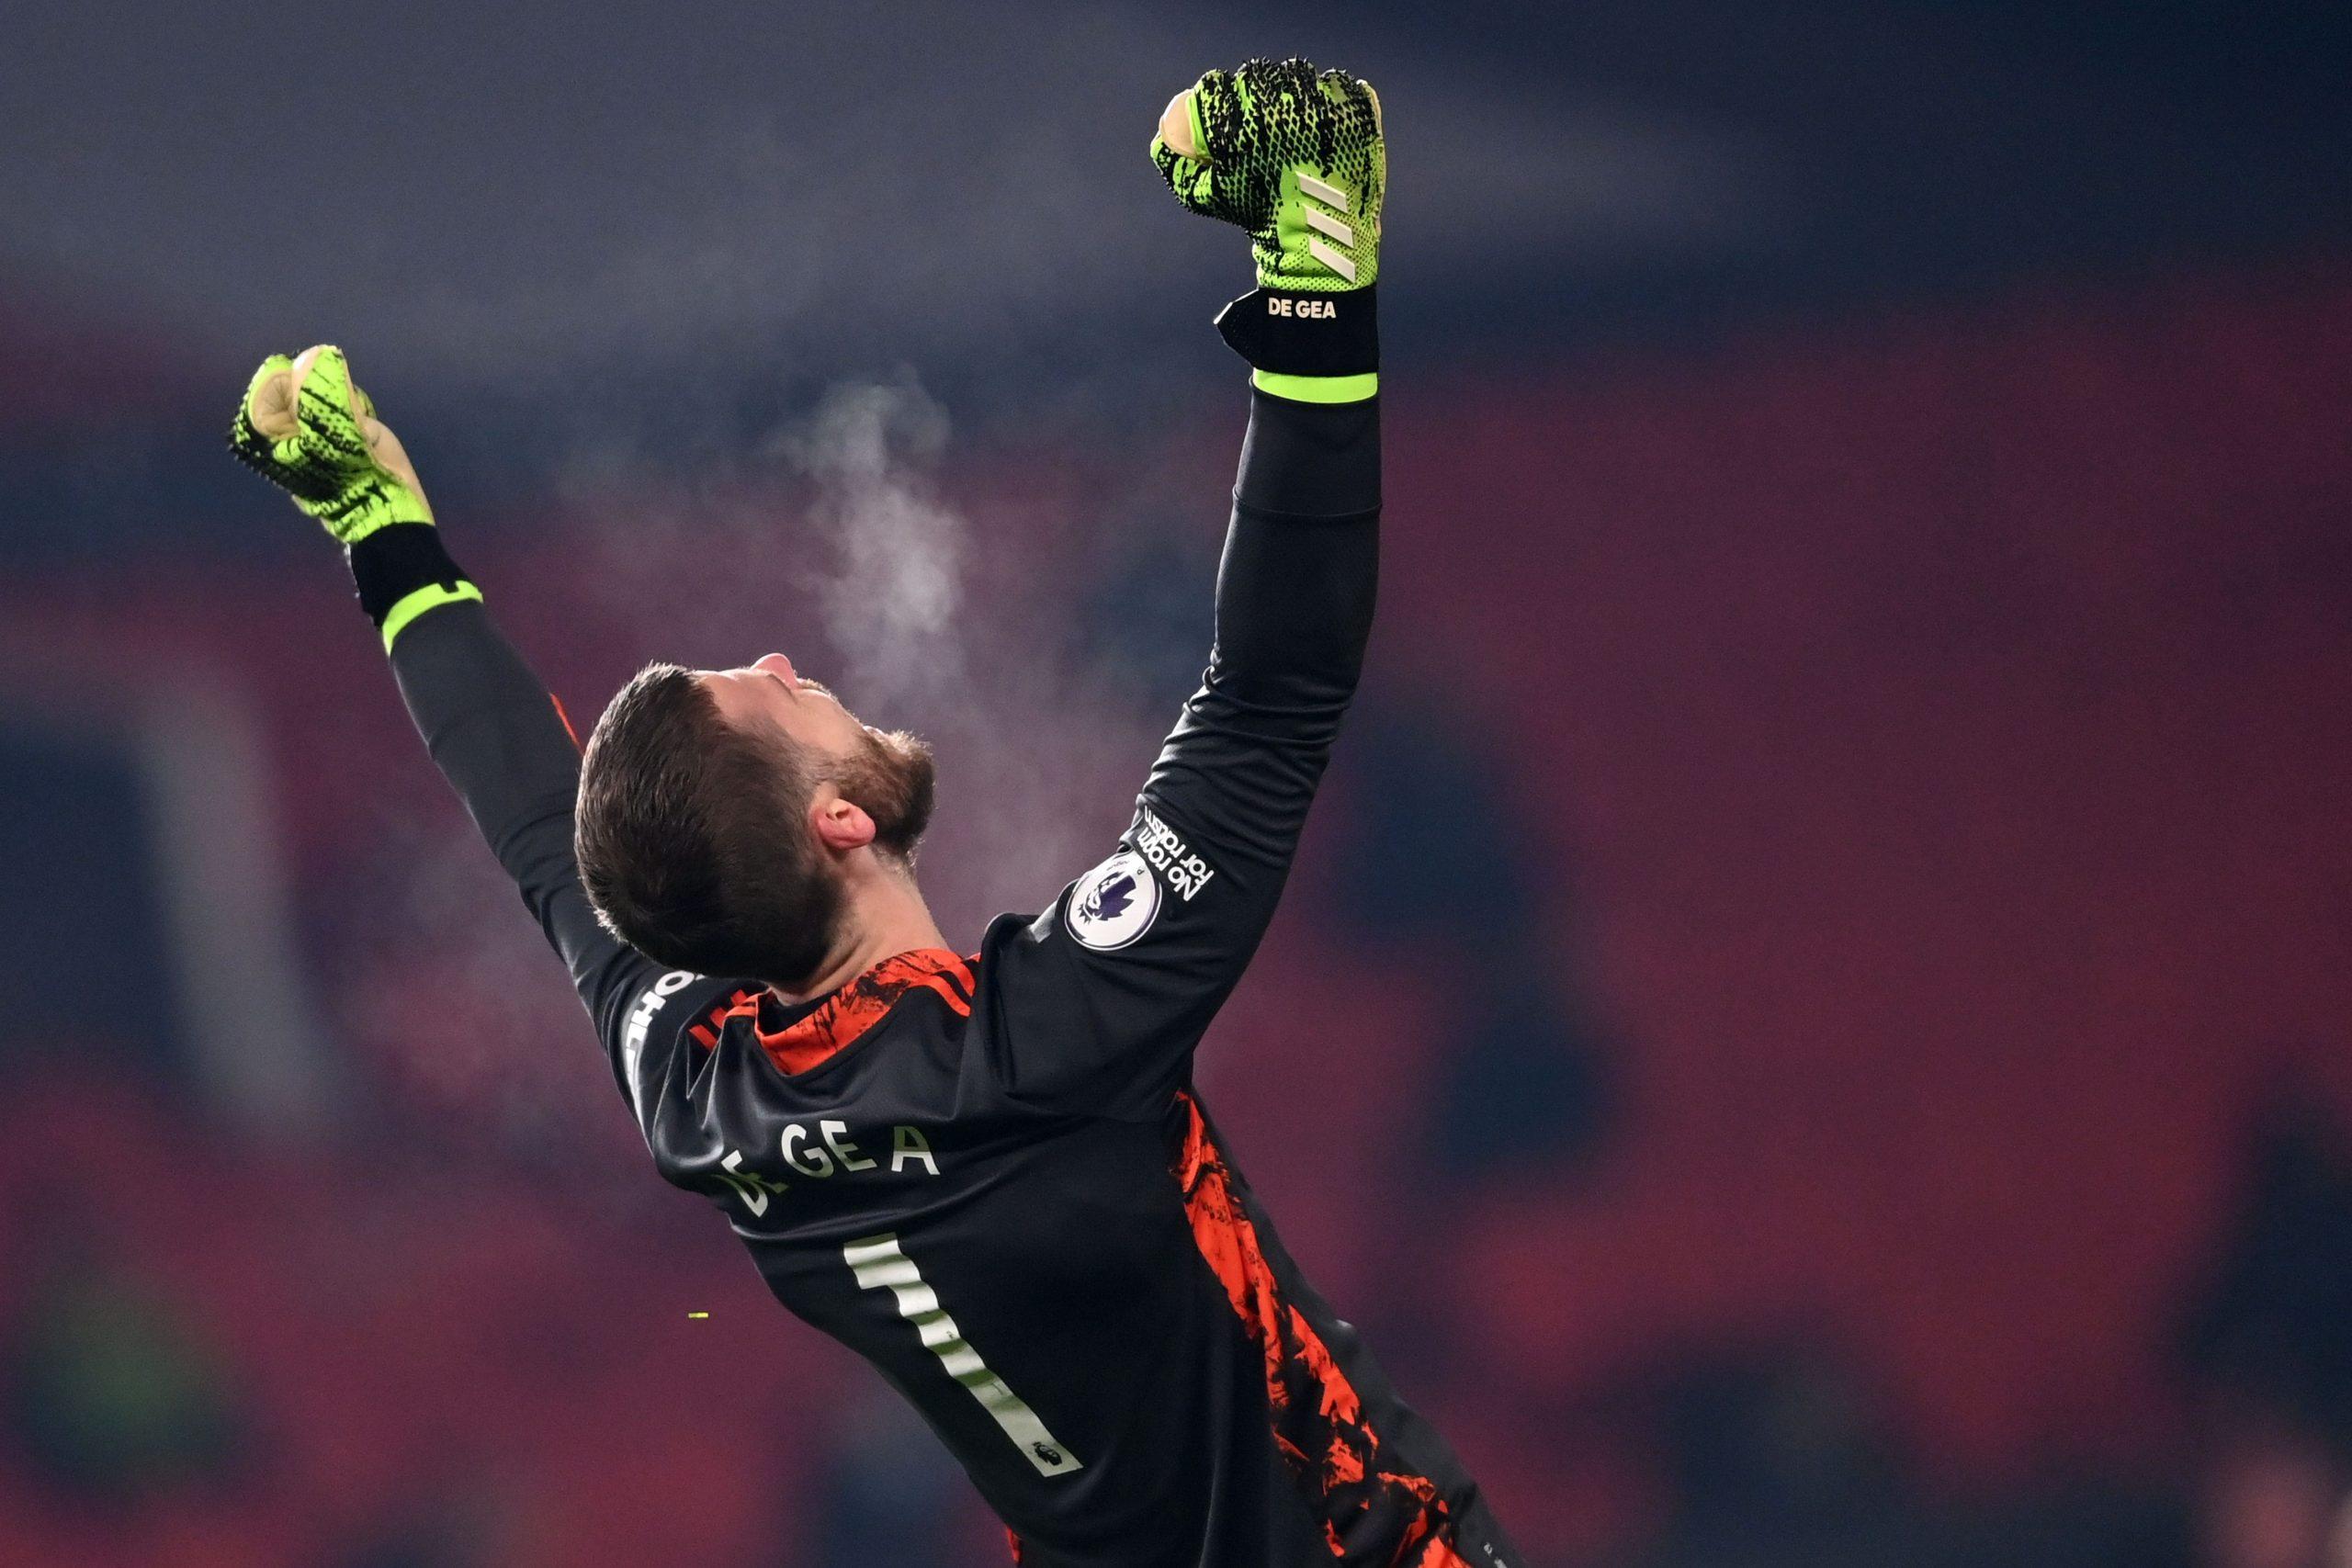 David de Gea wants Manchester United fans to remain calm as Premier League title dreams gain pace. (GETTY Images)